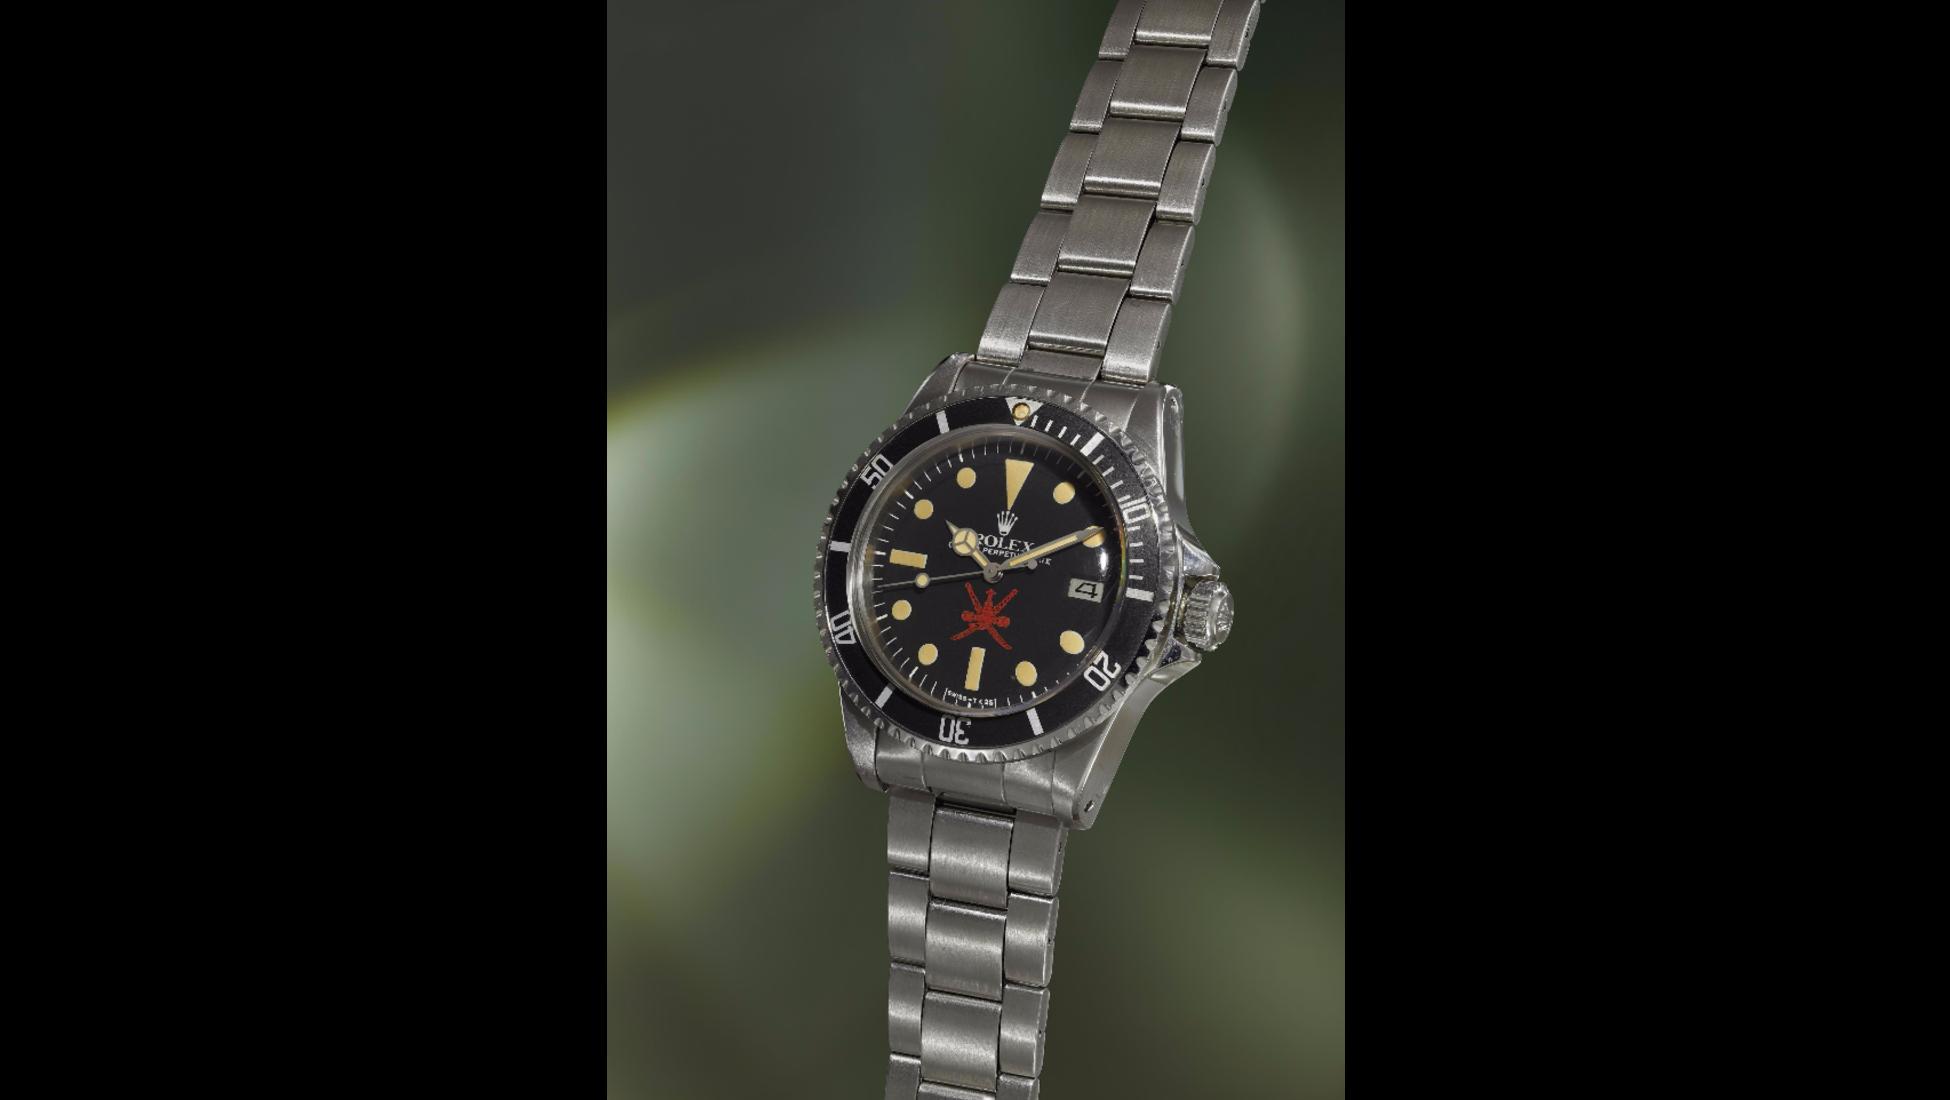 583a8f4c3c7 2) Stelline Rolex de cerca de 1952 - 554 281 € Este sensacional Stelline  foi o primeiro relógio de pulso automático com a data e a lua